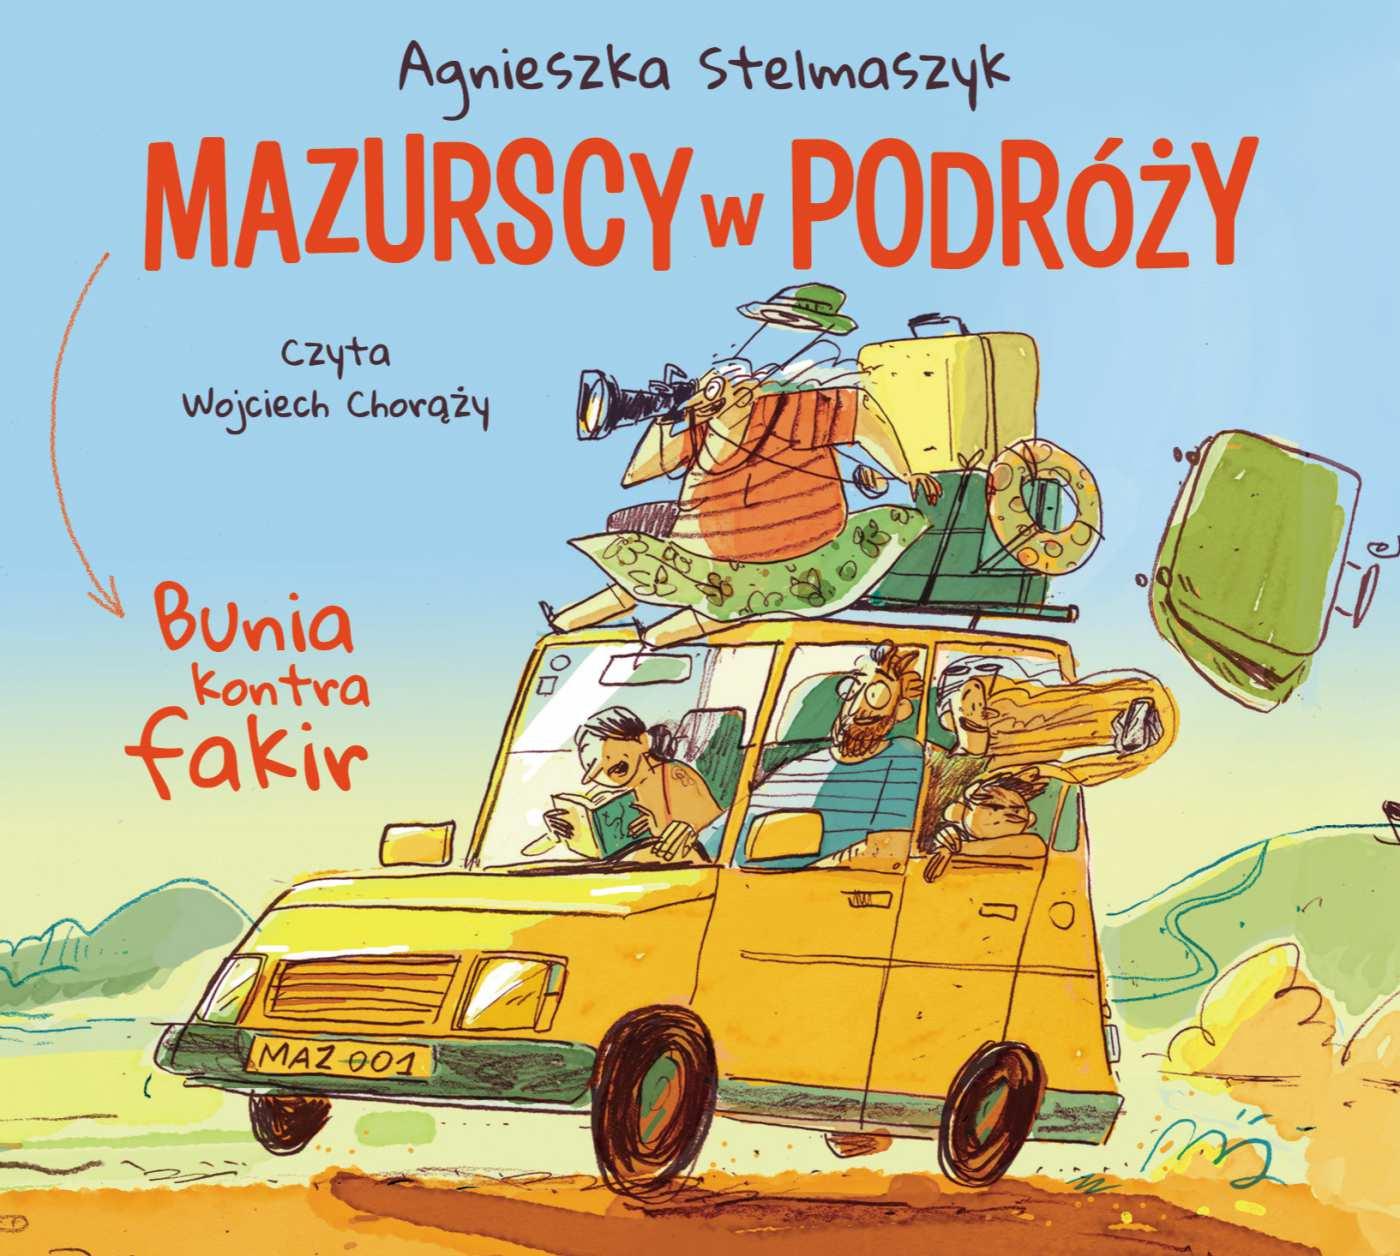 Bunia kontra fakir. Mazurscy w podróży. Tom 1 - Audiobook (Książka audio MP3) do pobrania w całości w archiwum ZIP